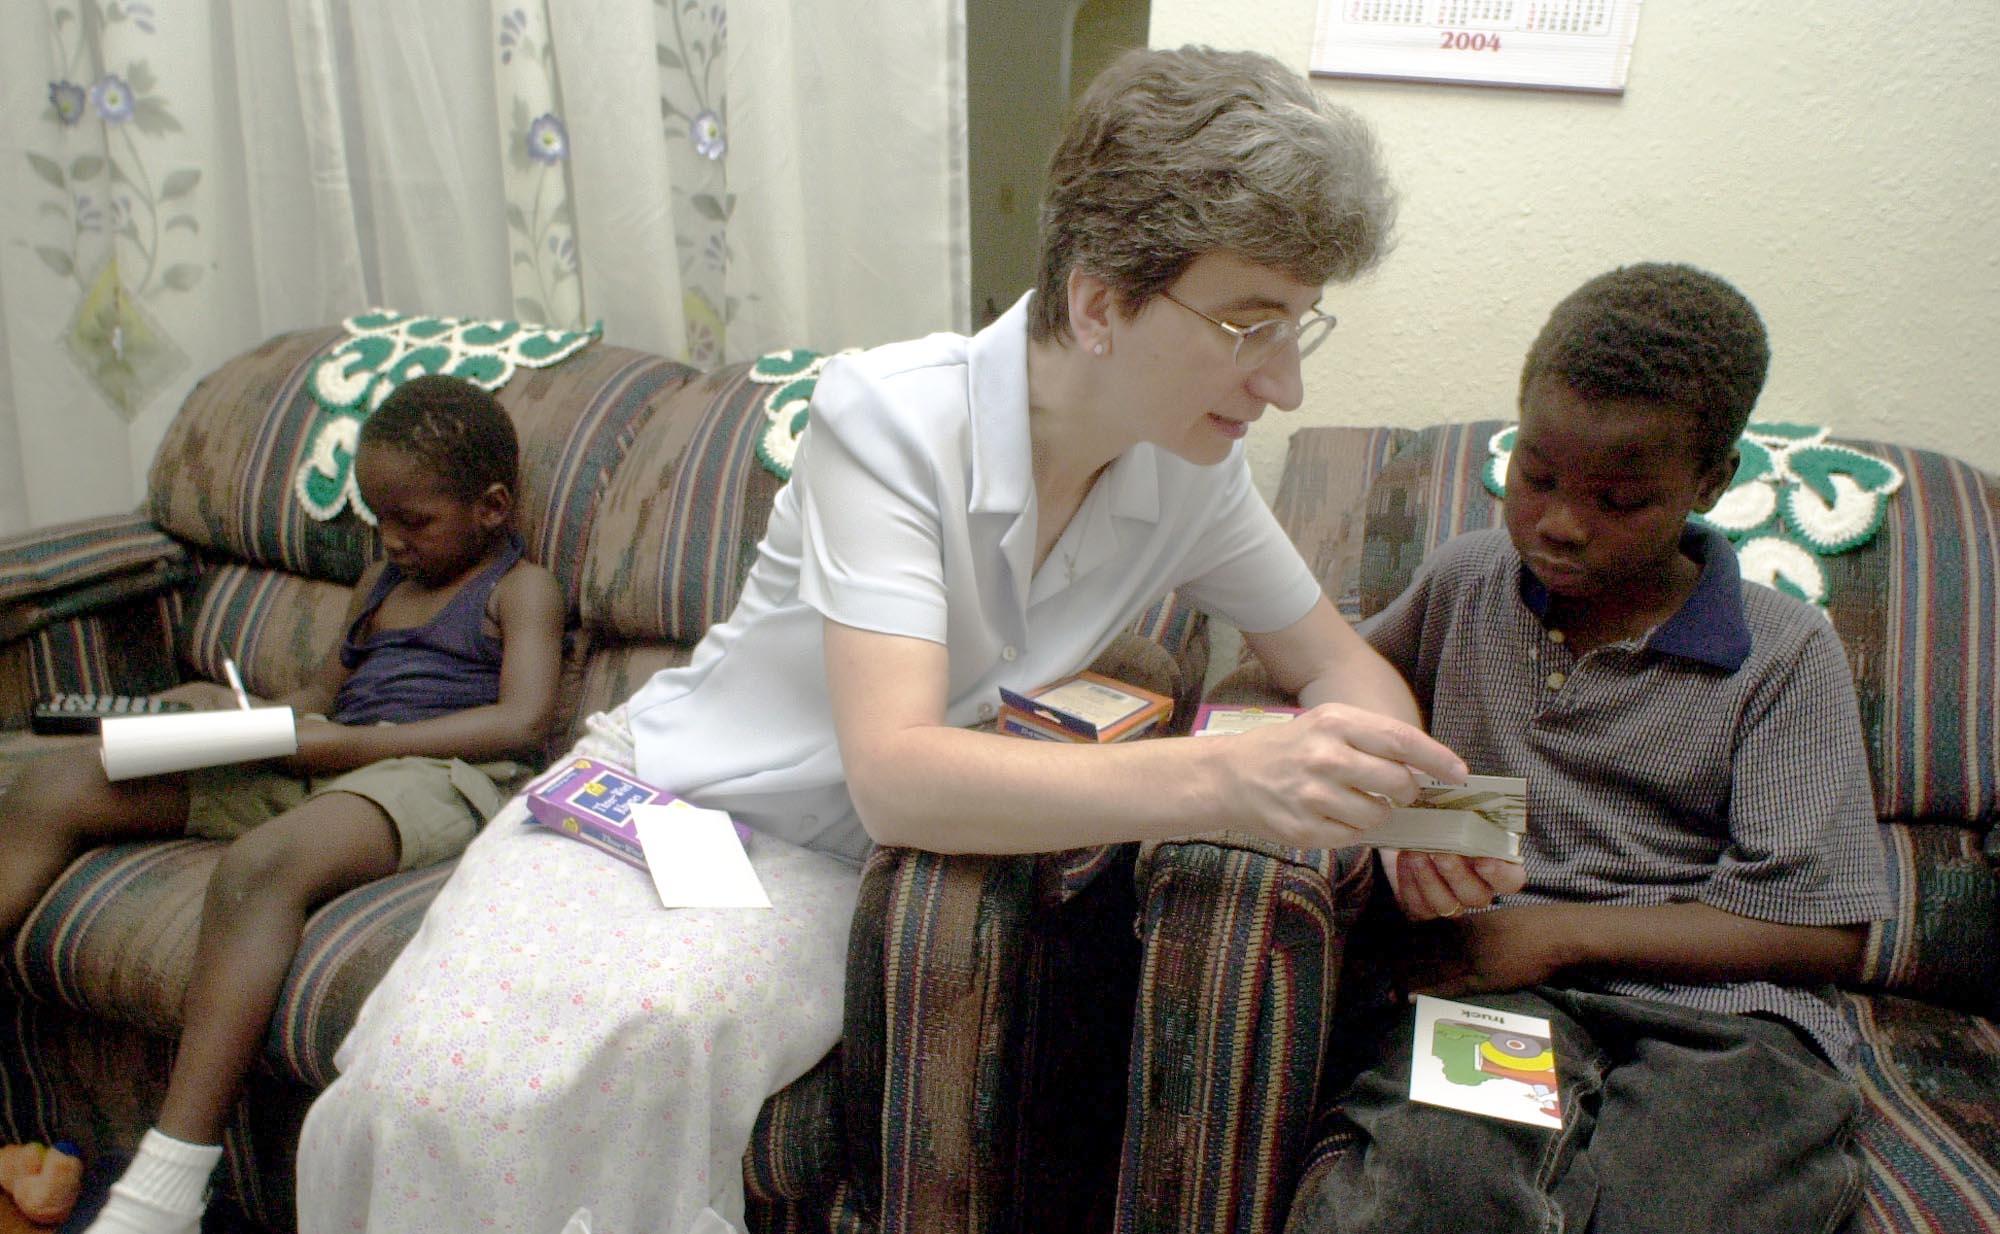 Une femme qui apporte un soutien scolaire à un jeune, assis sur un divan (© AP Images)